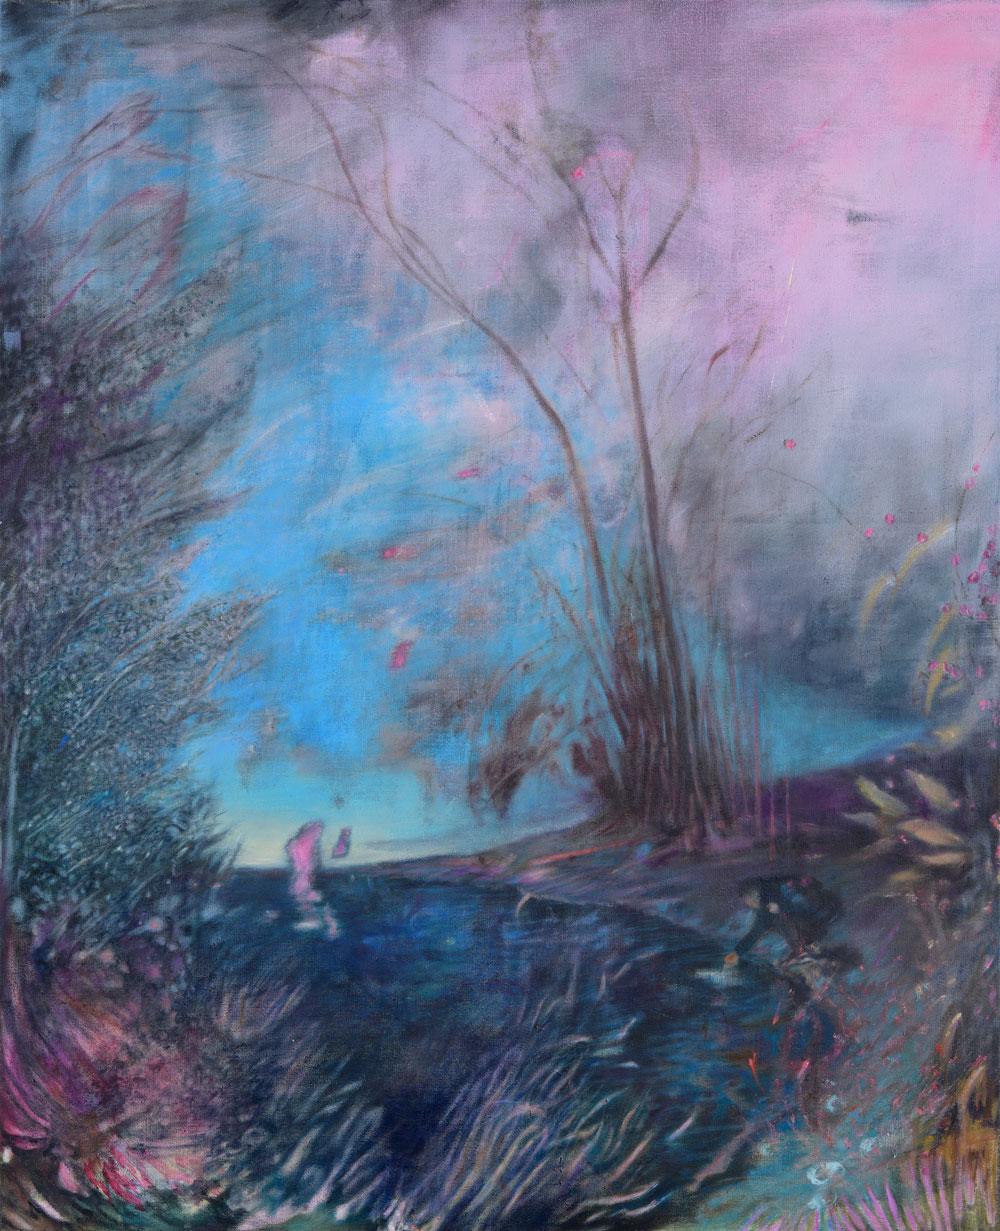 Windige Landschaft in blau rosa Tönen. ein Mann am See greift ins Wasser.